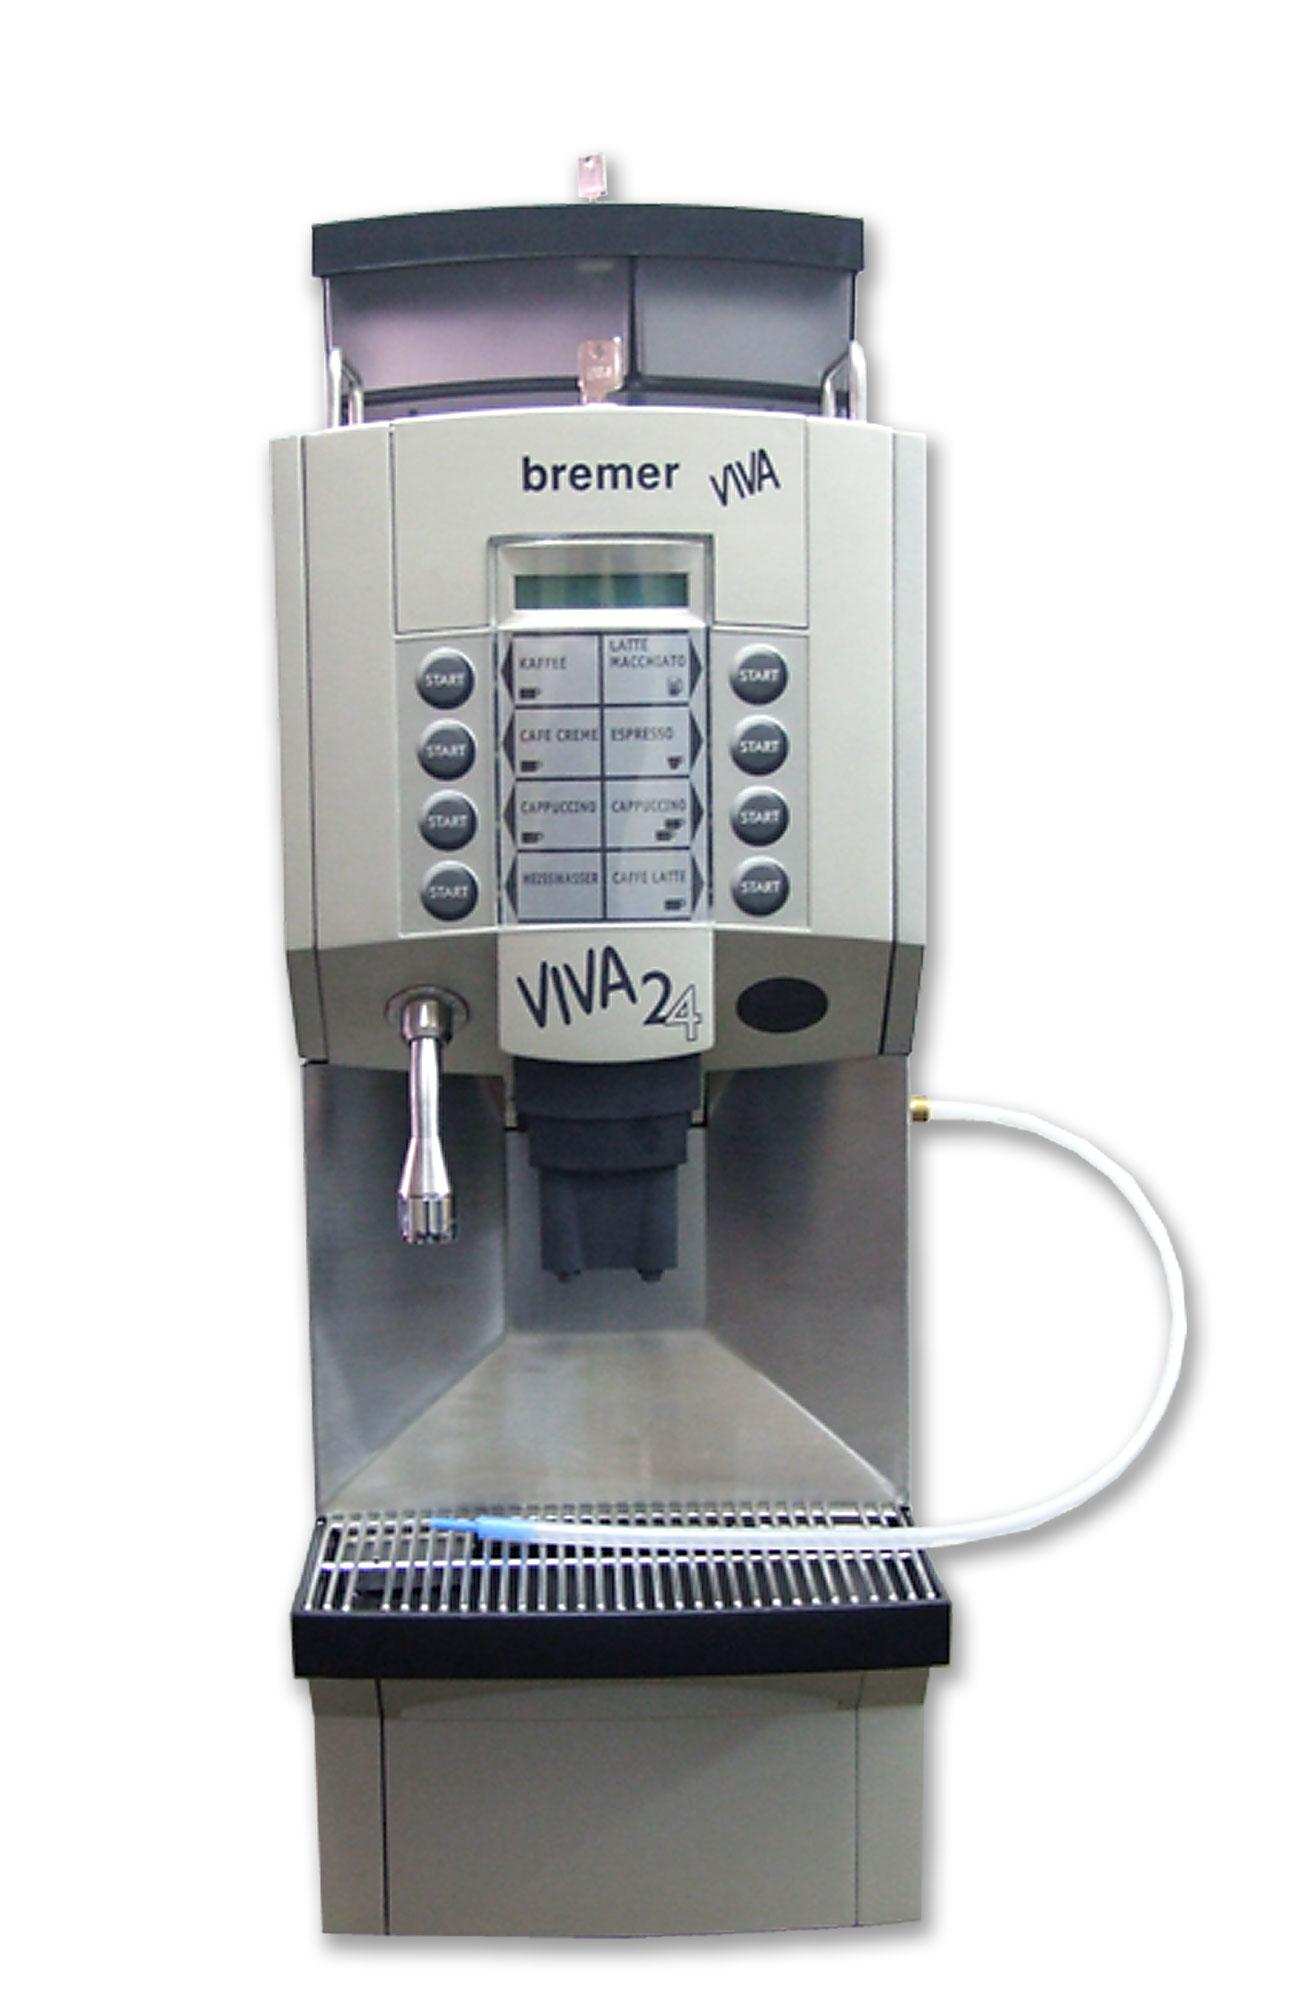 gebrauchte gastronomie Kaffeemaschine bremer Viva 24 mit 6 Monate Garantie